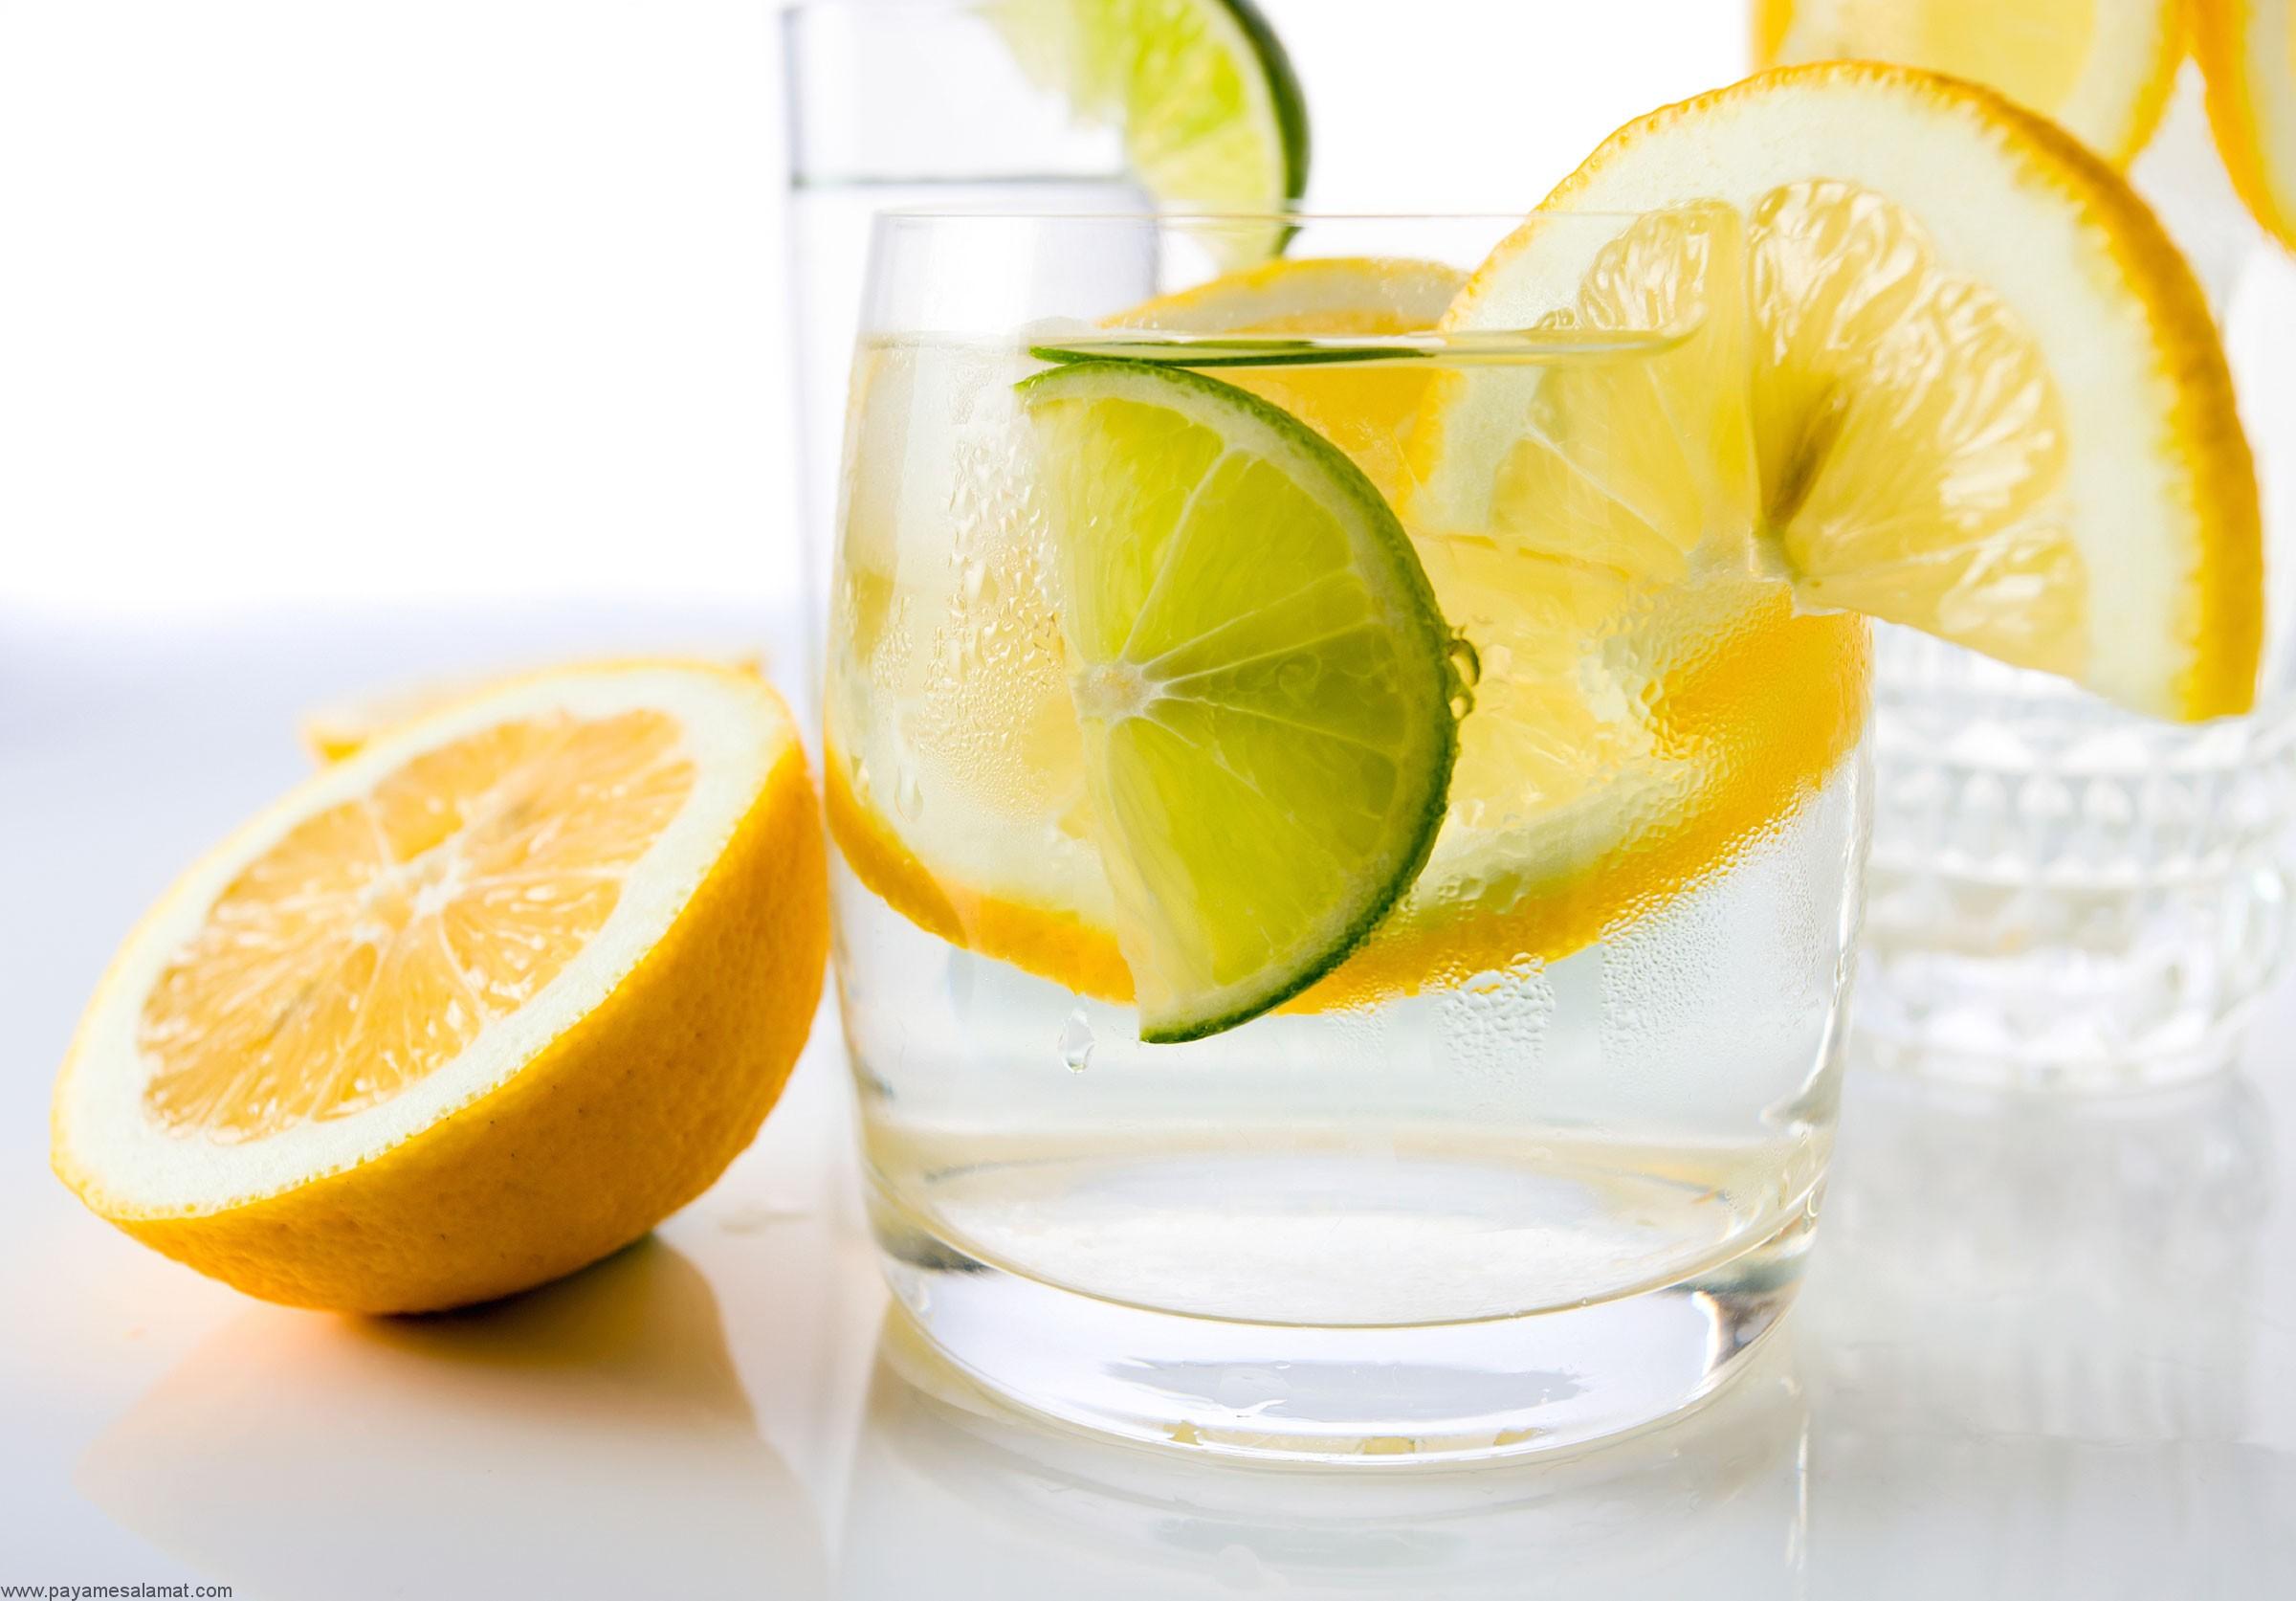 بهترین نوشیدنی ها برای افراد دیابتی